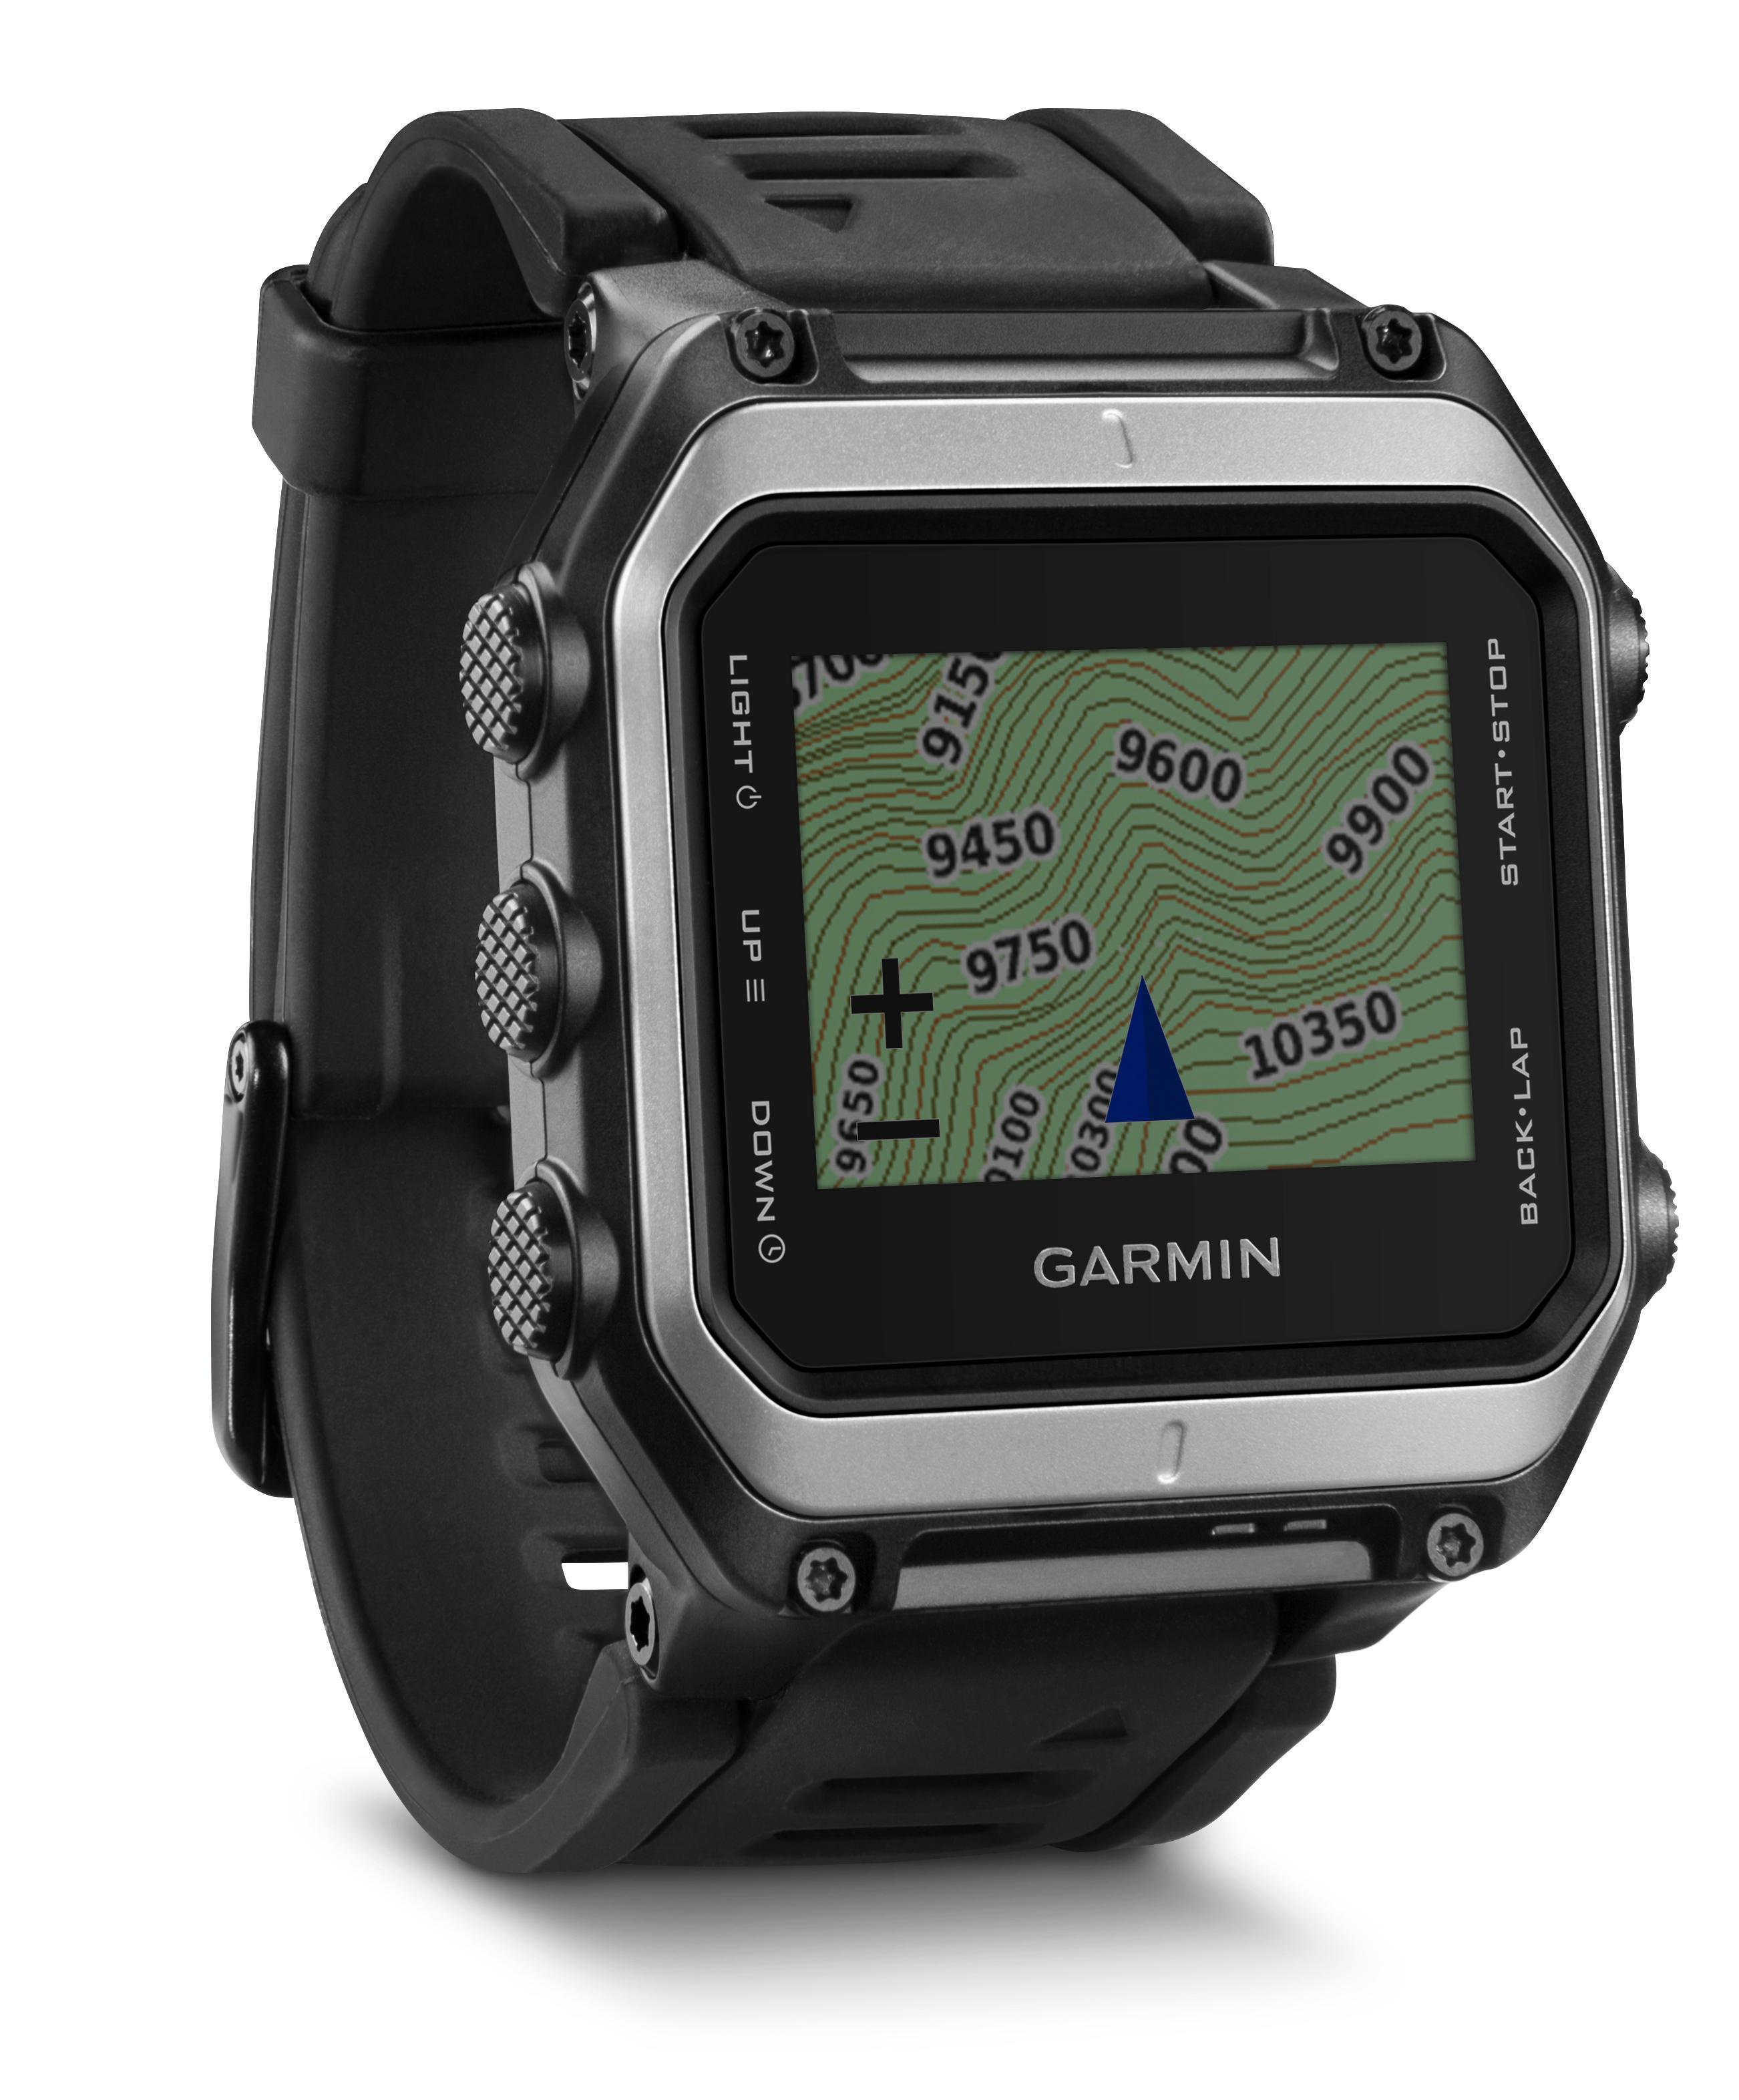 Garmin Epix har de samme mulighetene som Fenix 3, og fargekart i tillegg.